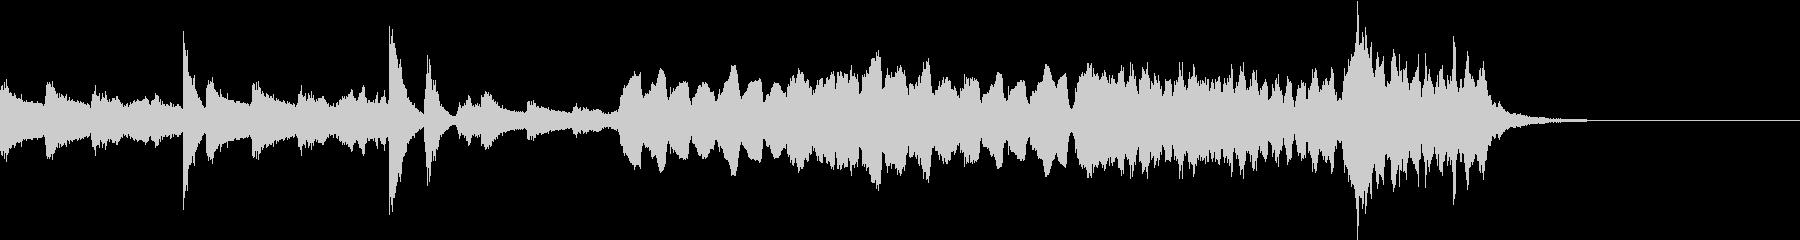 鐘の印象的なミステリアスな曲 幻想交響曲の未再生の波形